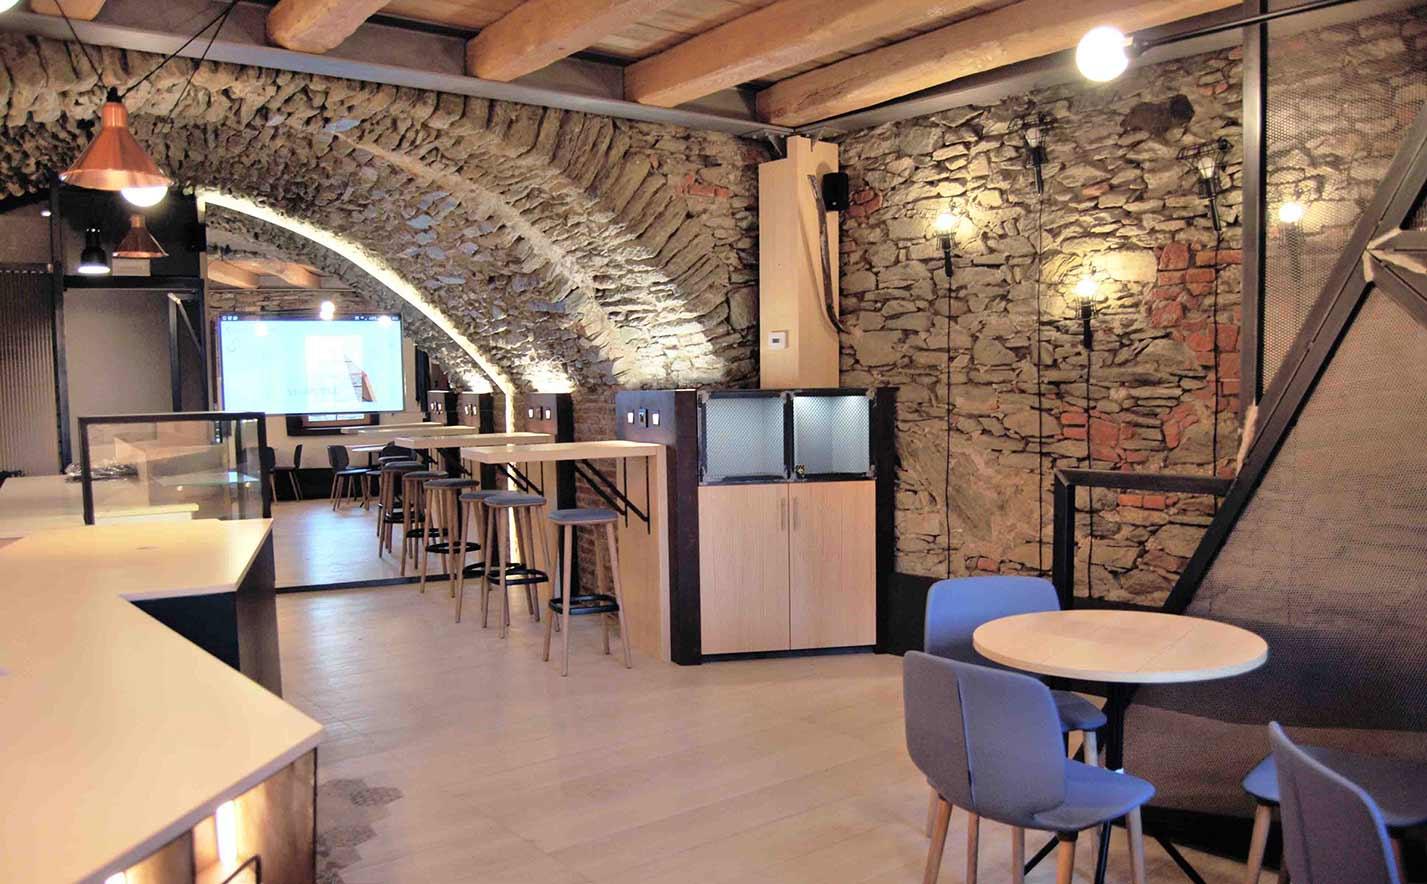 Caffetteria al forte mont avic resort for Immagini caffetteria